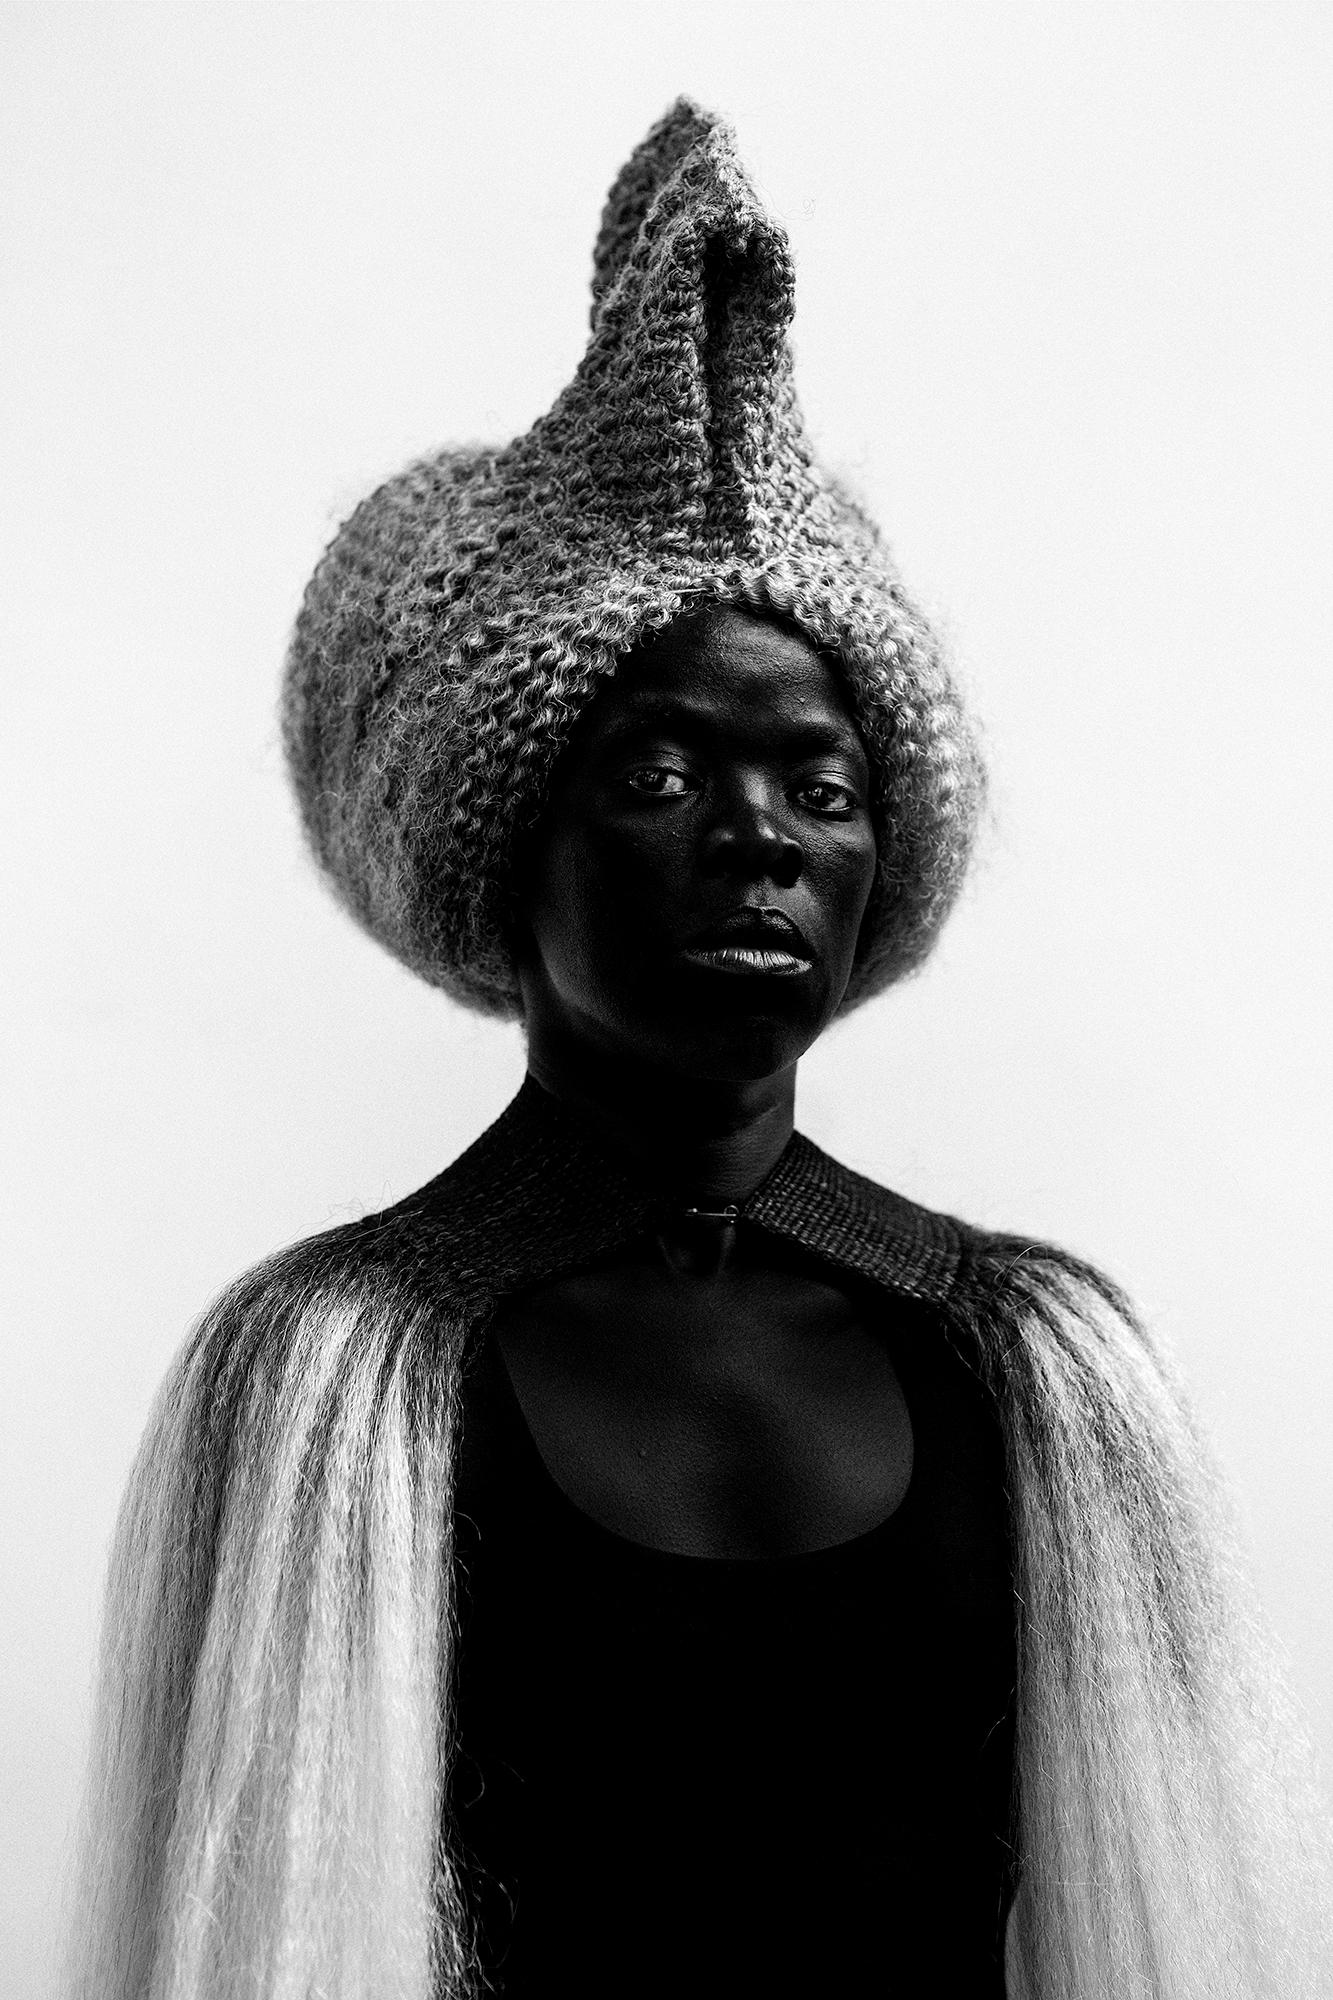 Zanele Muholi: Somnyama Ngonyama, Hail the Dark Lioness, delpire & co